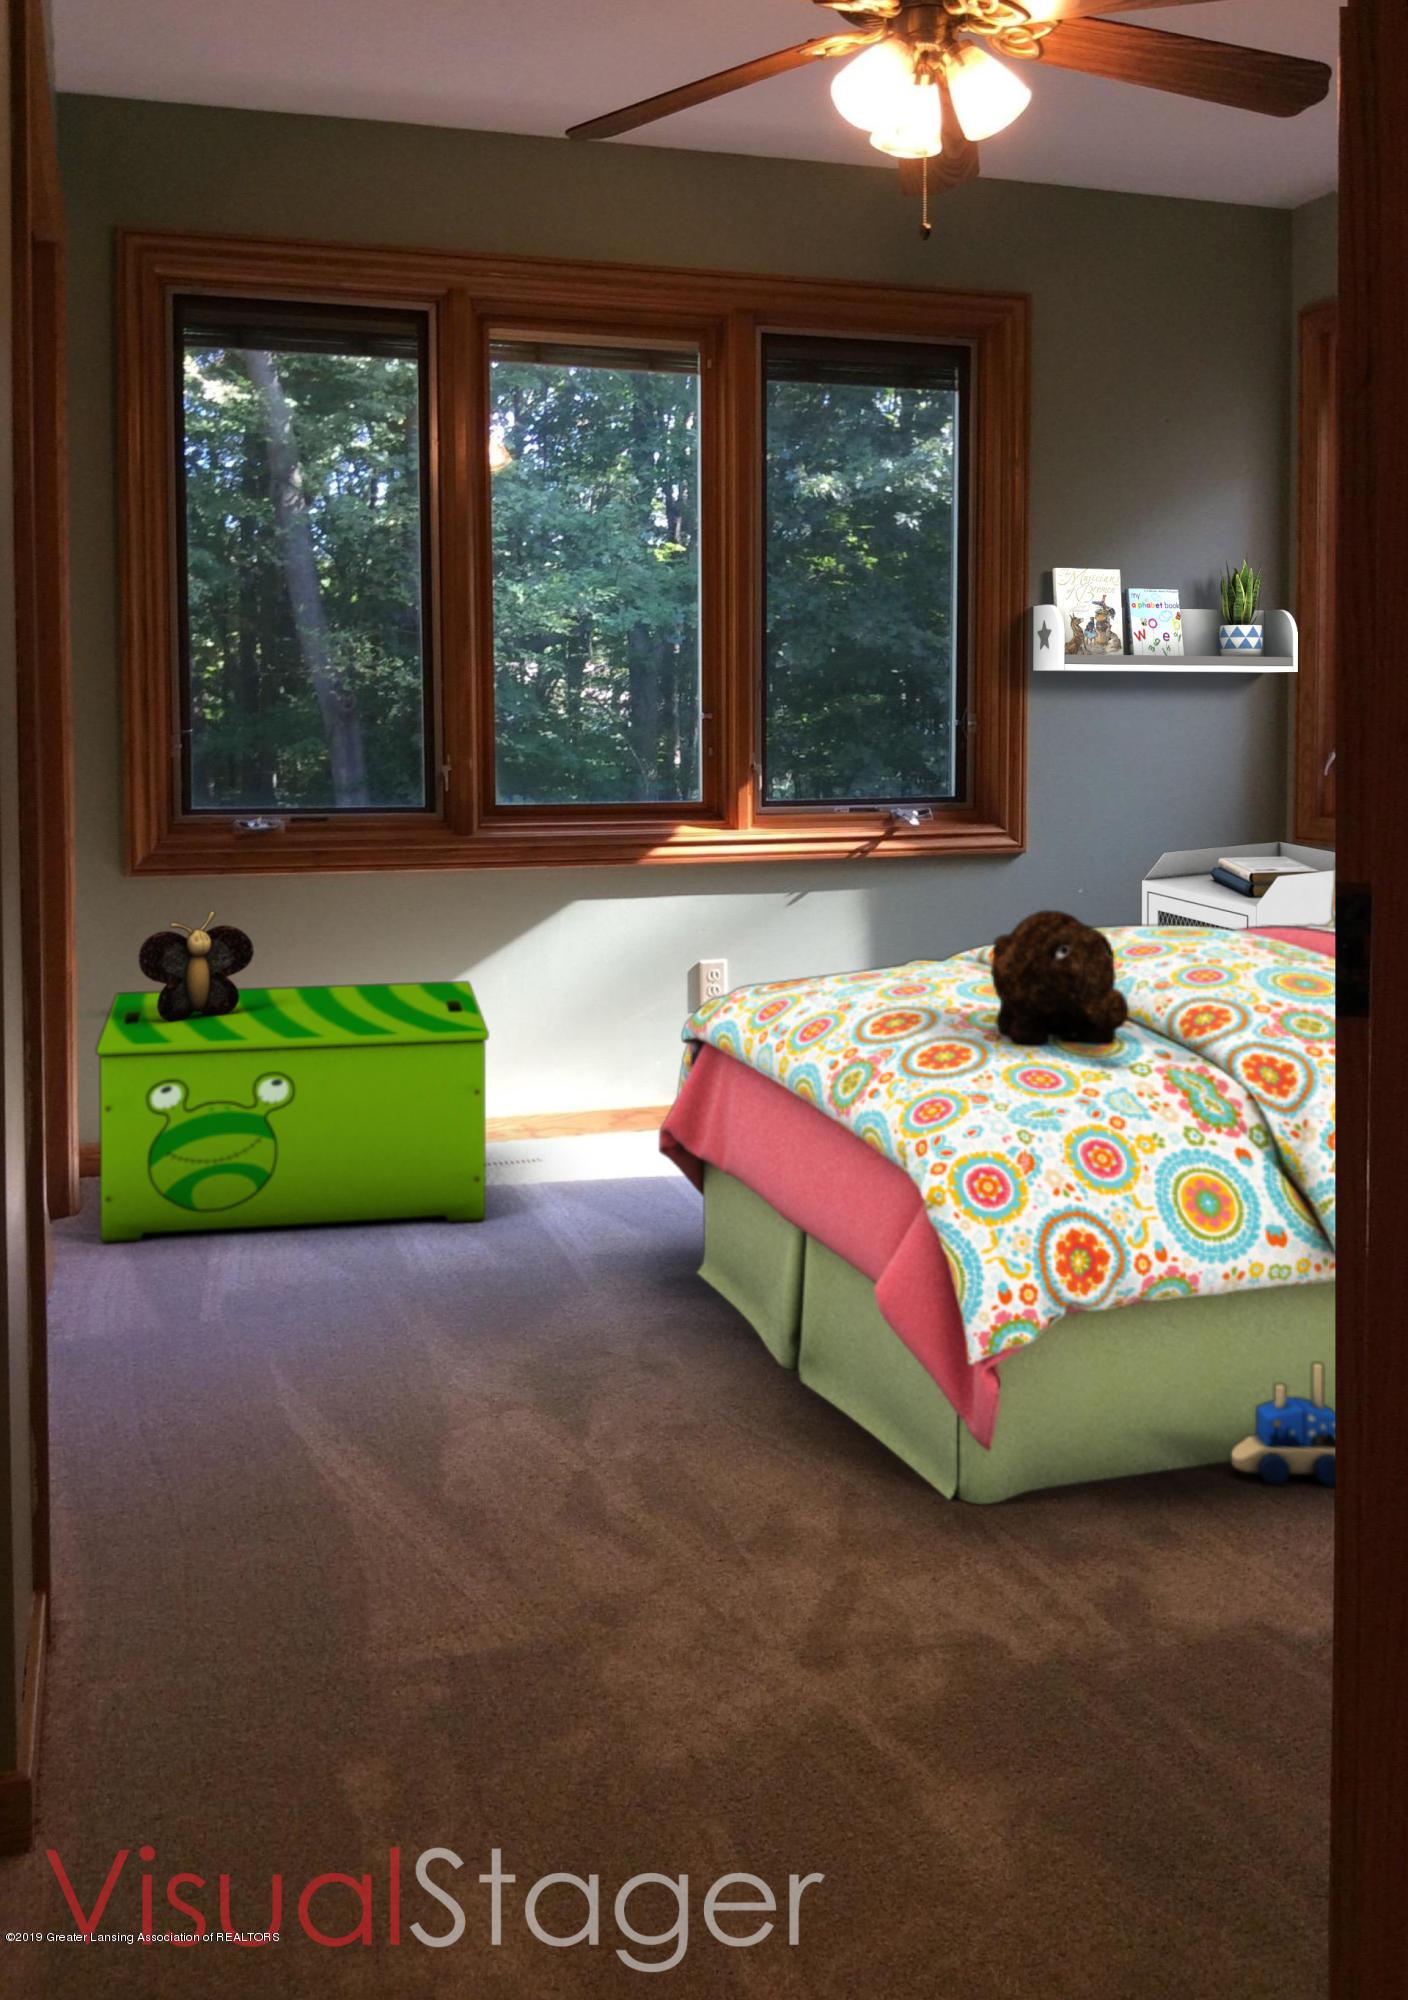 4542 Bracken Woods Dr - Bedroom4-scene - 25